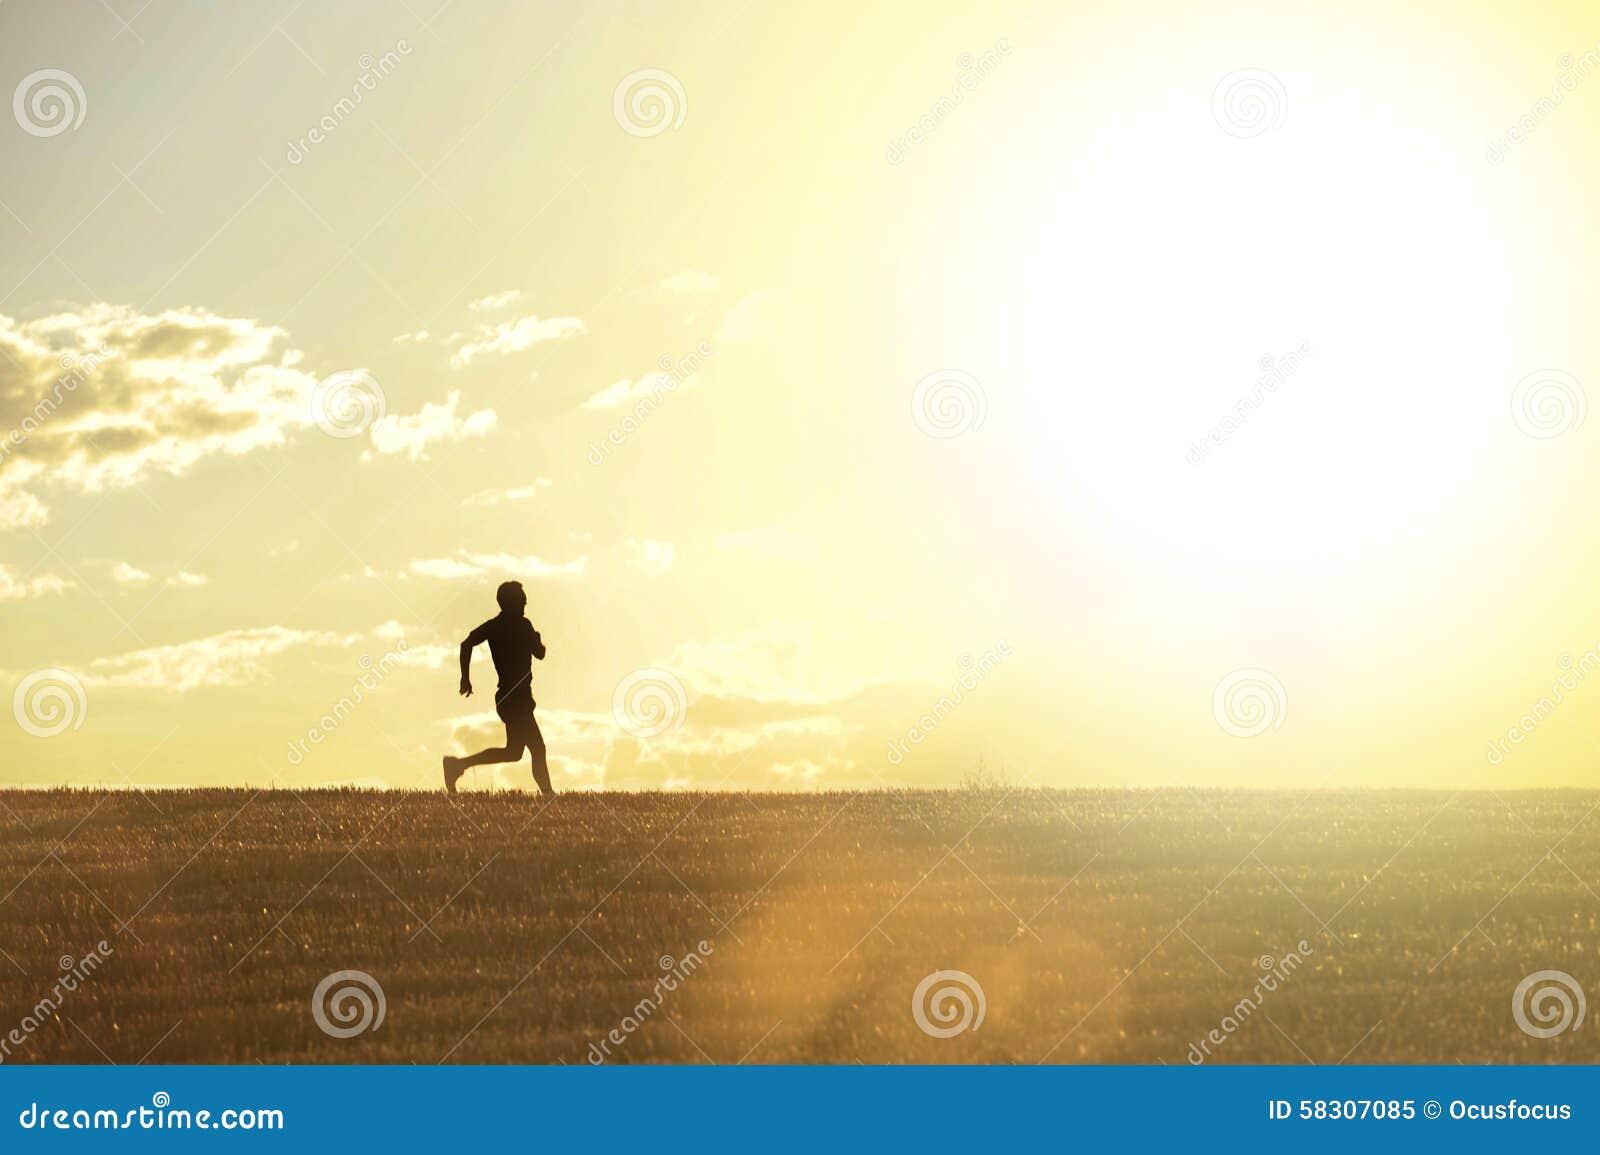 Profilkontur av spring för ung man i bygd som utbildar jogga disciplin för argt land i sommarsolnedgång